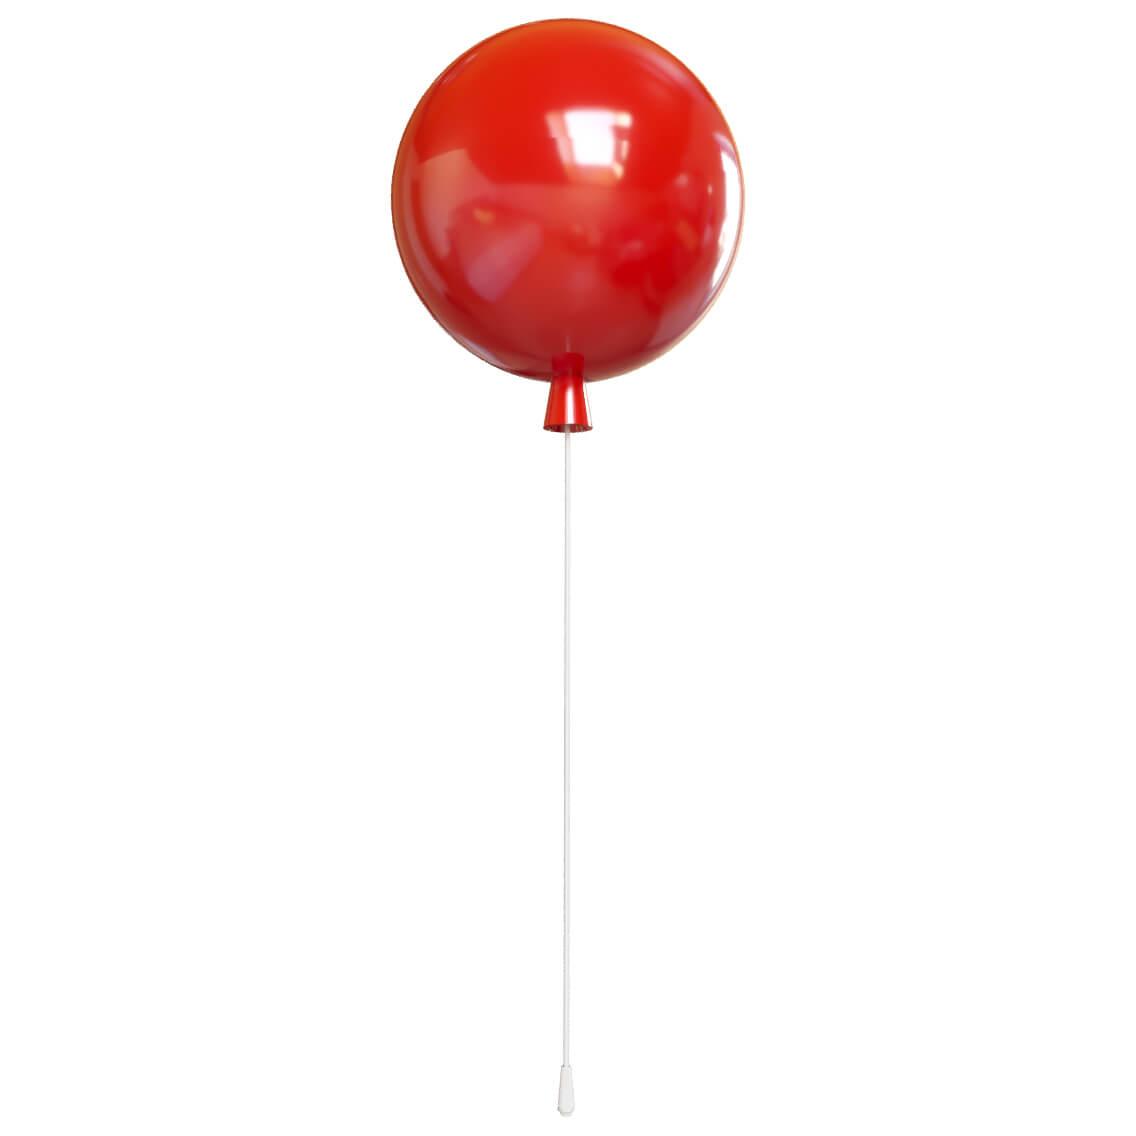 Светильник Loft IT 5055C/L red 5055 red lqian red l